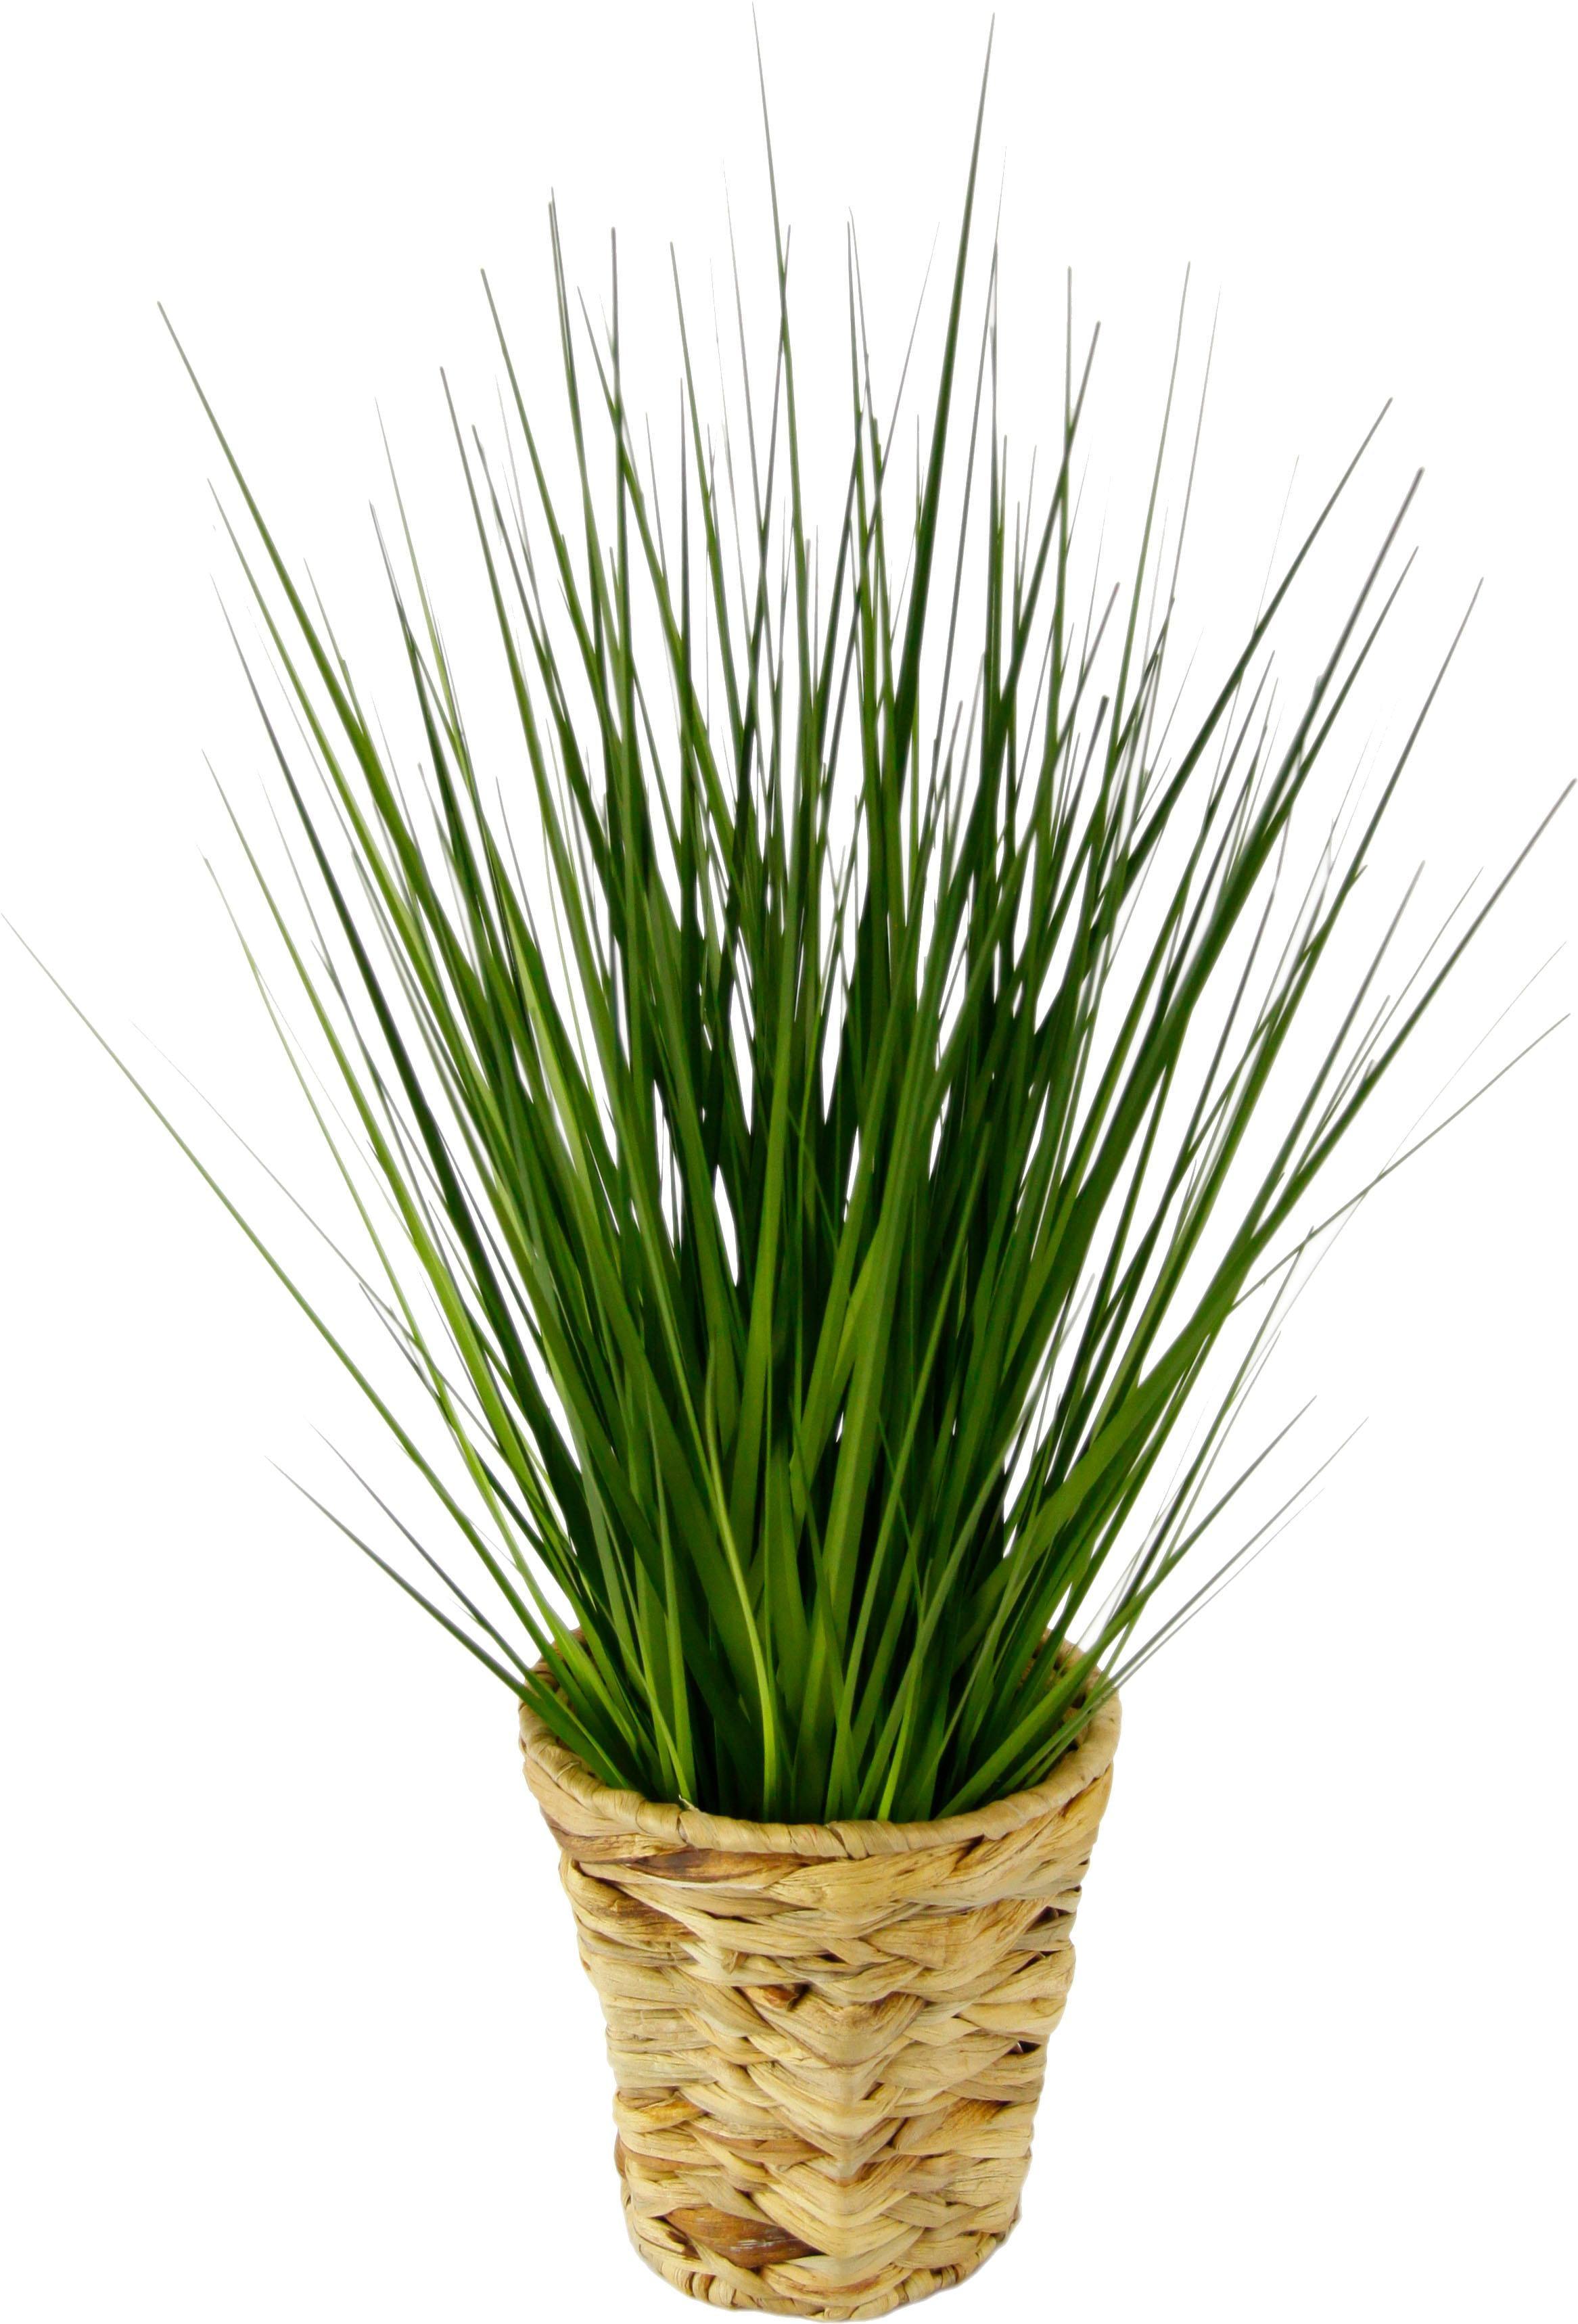 Kunstpflanze Technik & Freizeit/Heimwerken & Garten/Garten & Balkon/Pflanzen/Kunstpflanzen/Kunst-Gräser